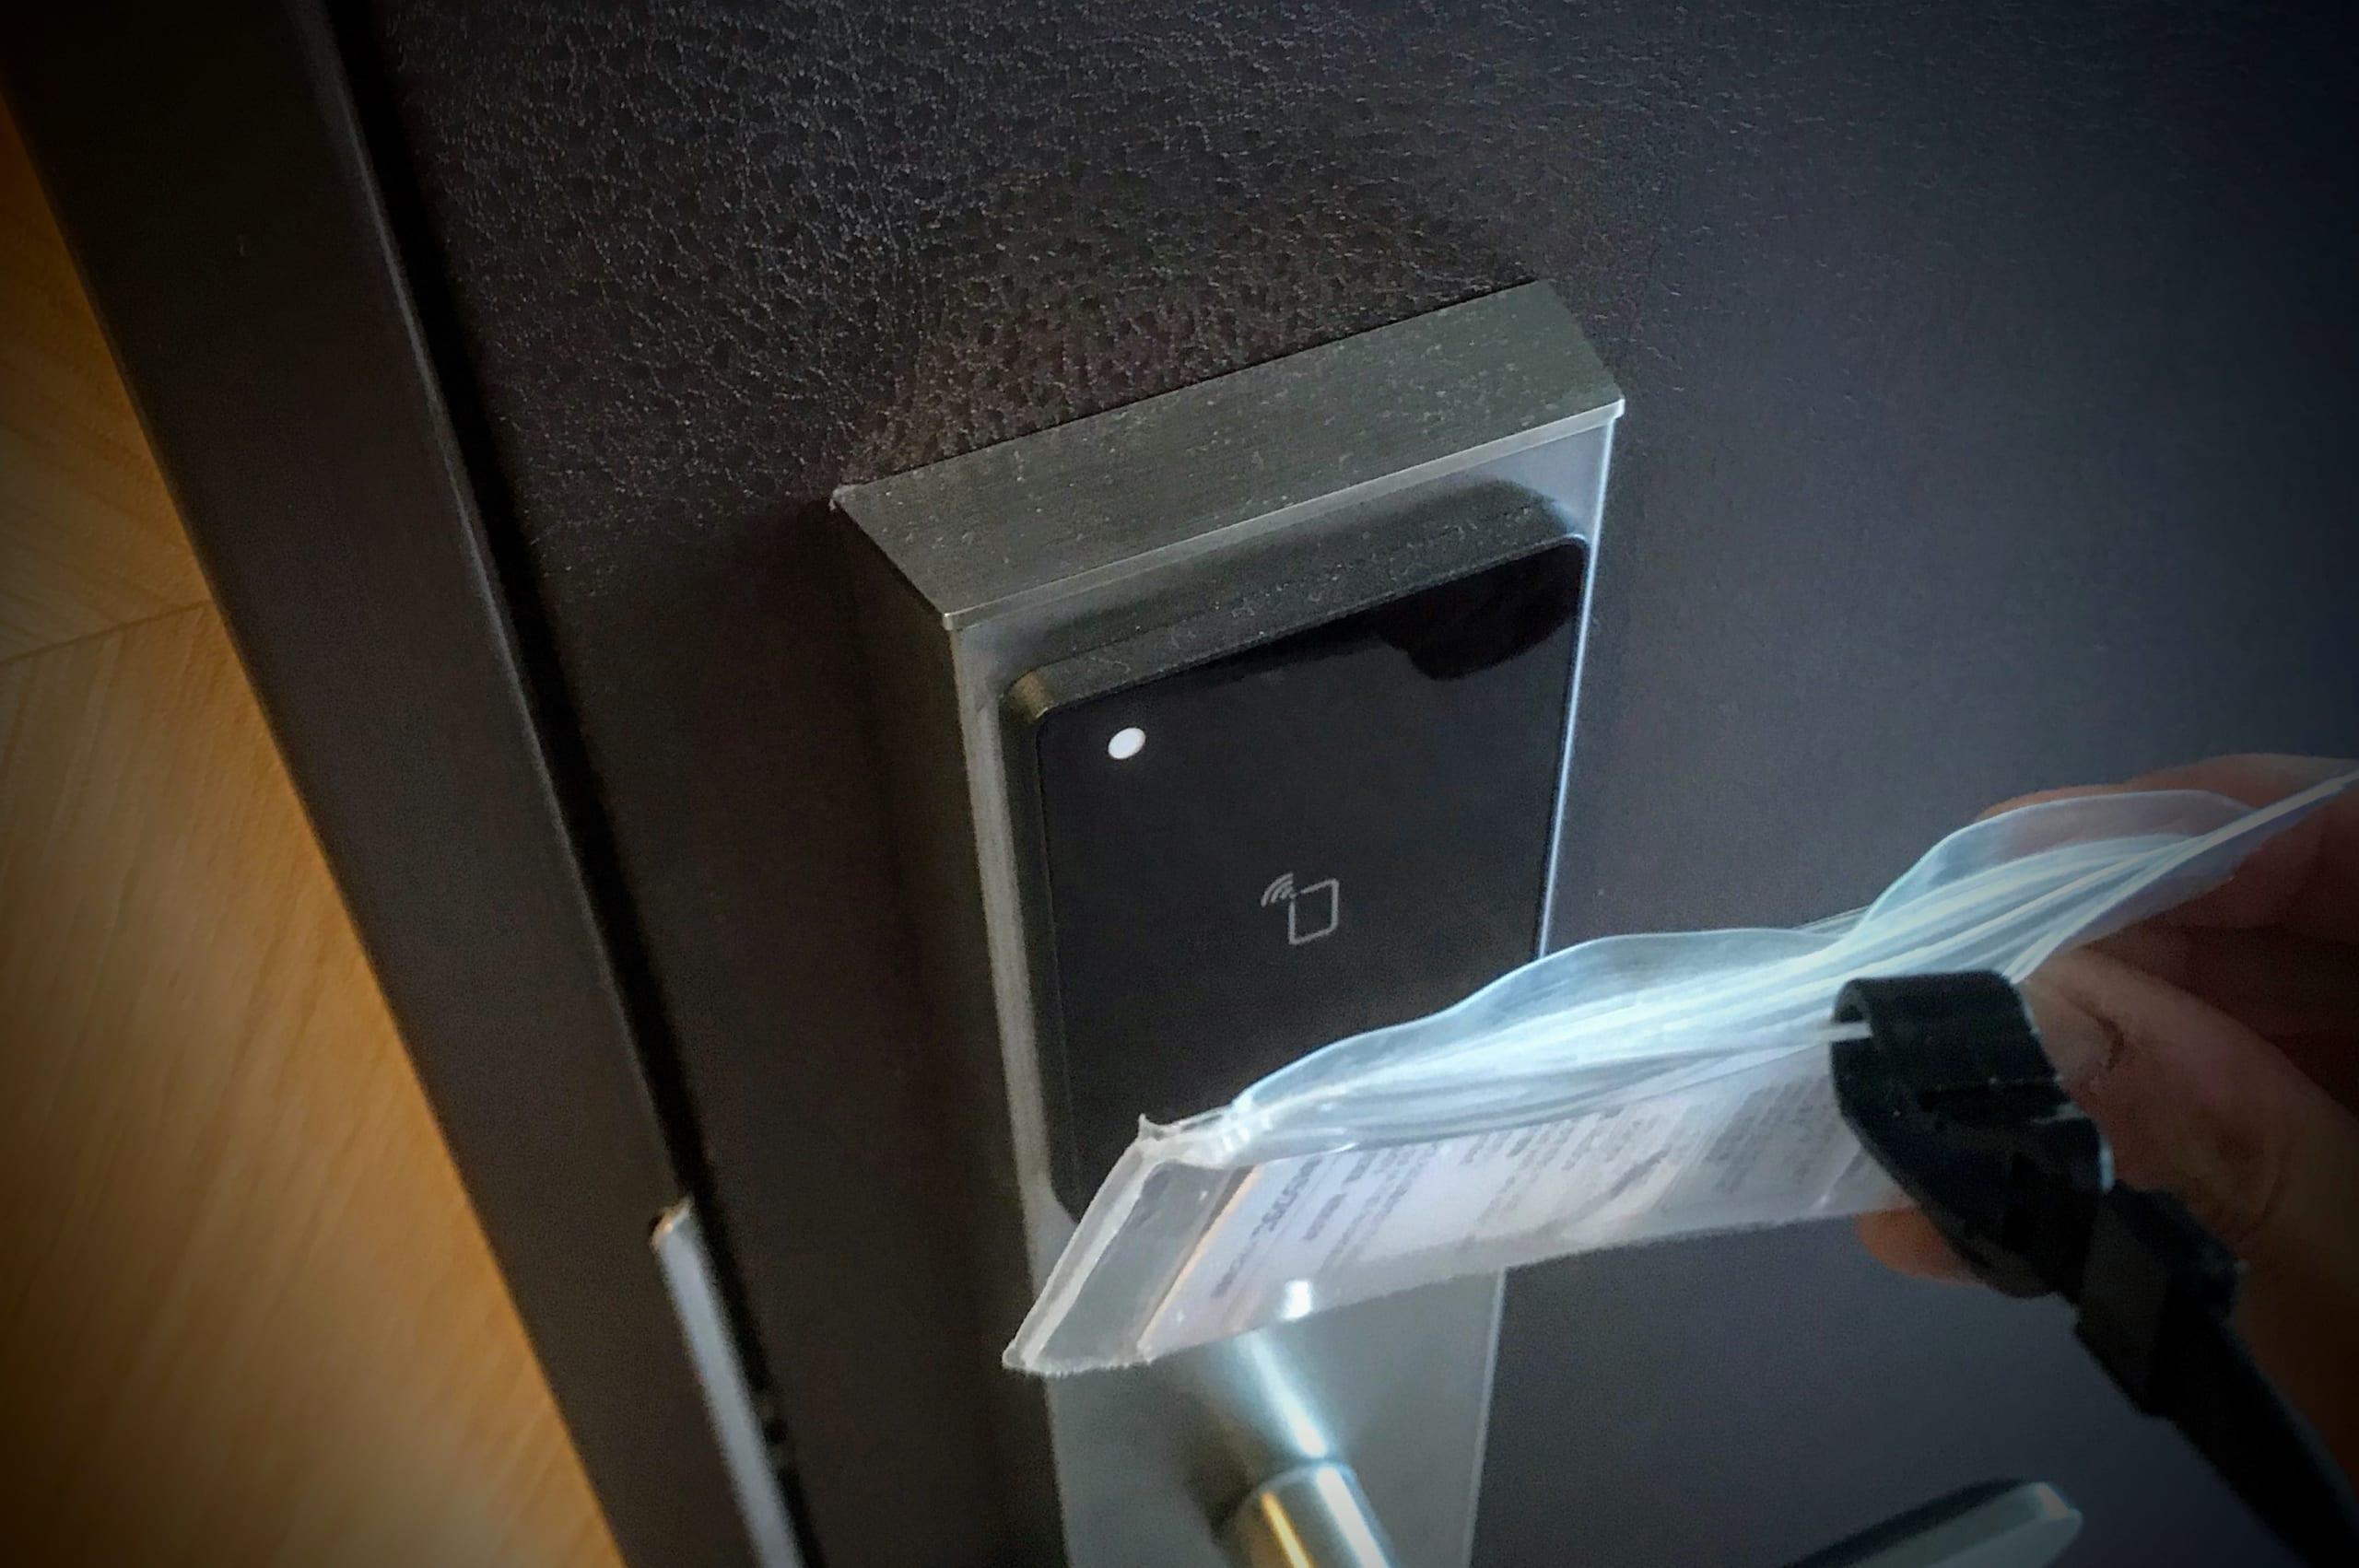 ネットルーム入り口のタッチキー